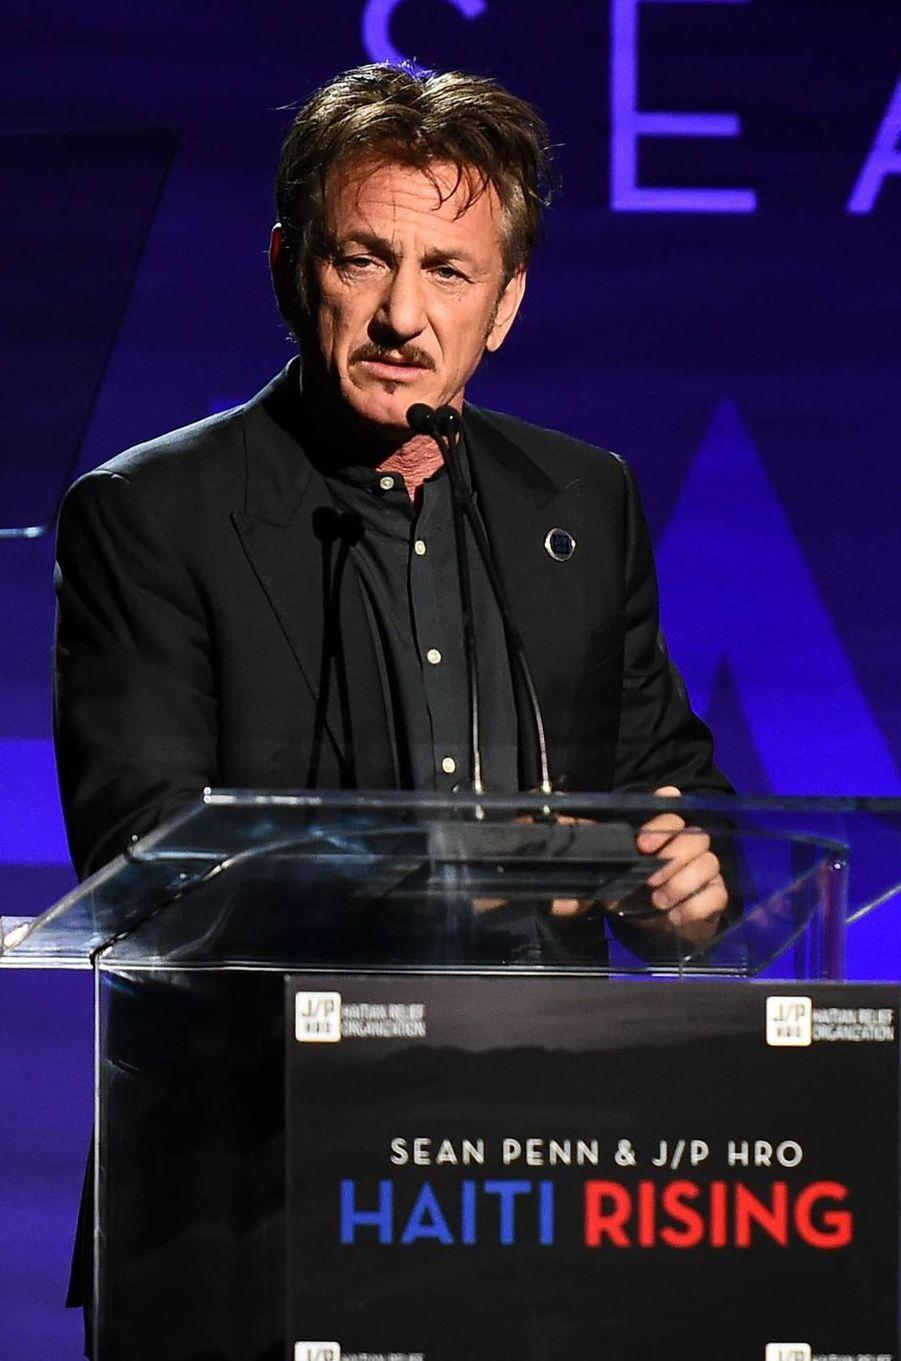 Sean Pennau gala de la J/P Haitian Relief Organization, sa fondation, à Beverly Hills, le 7 janvier 2017.